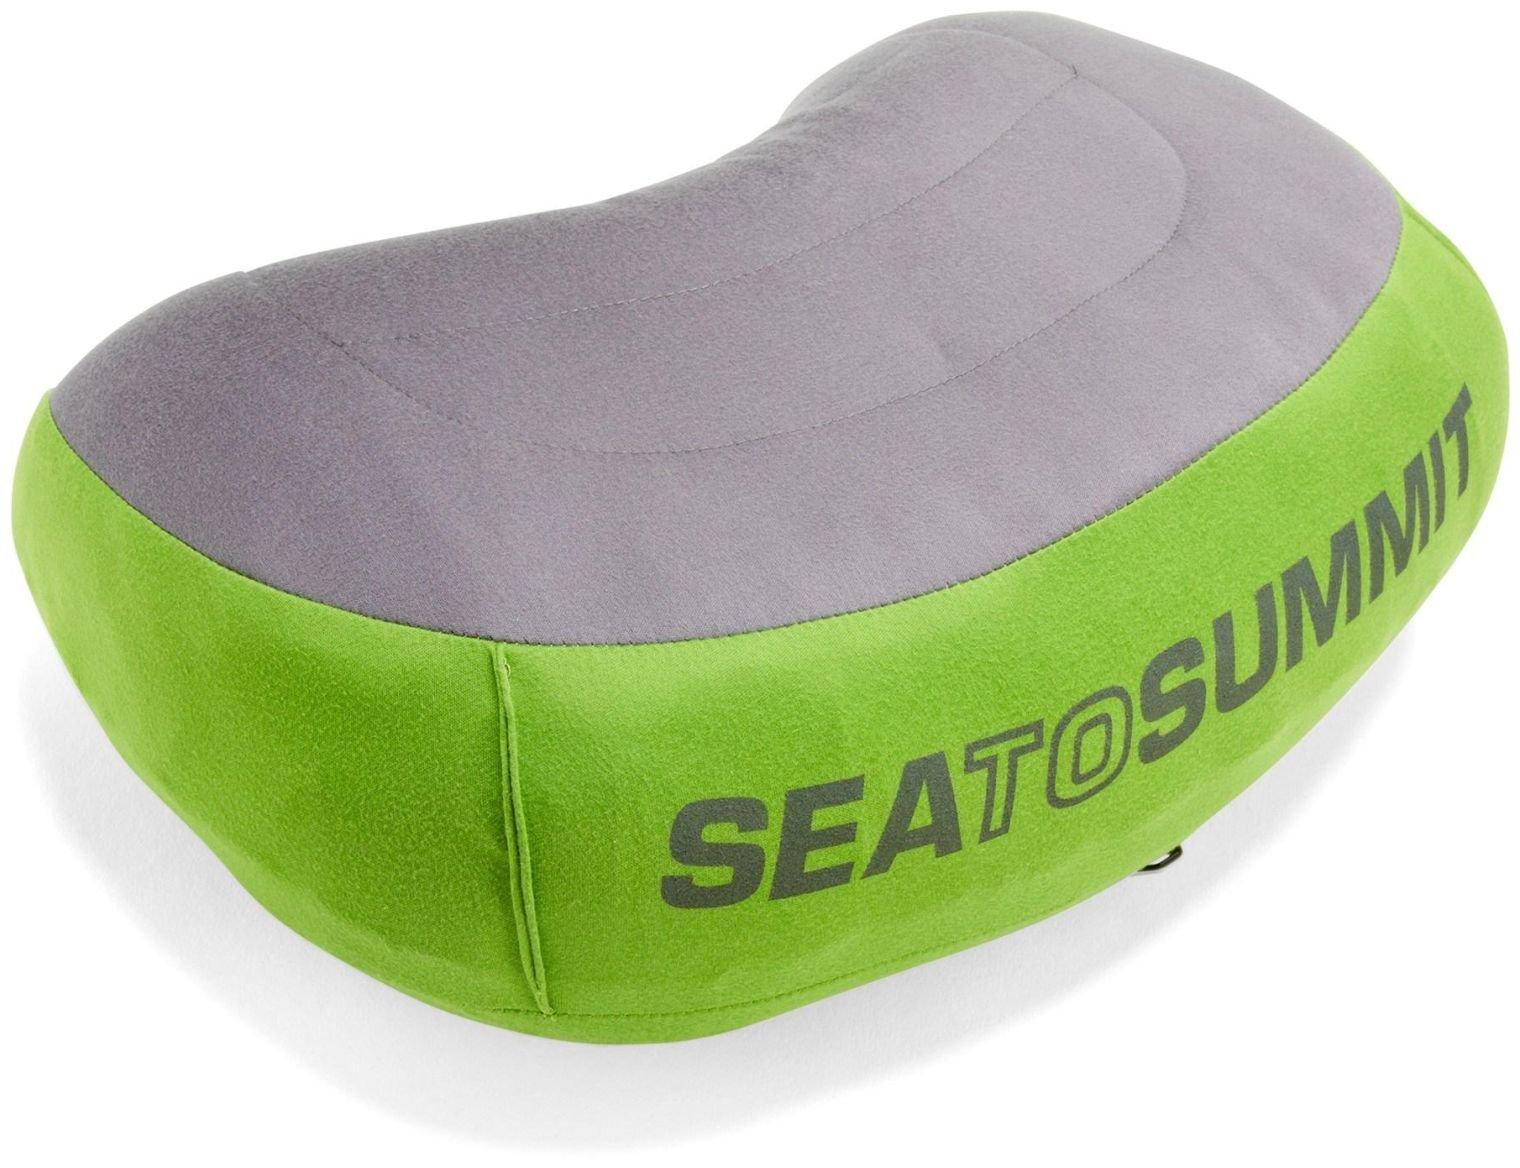 Sea To Summit Aeros Pillow Premium - Green Large